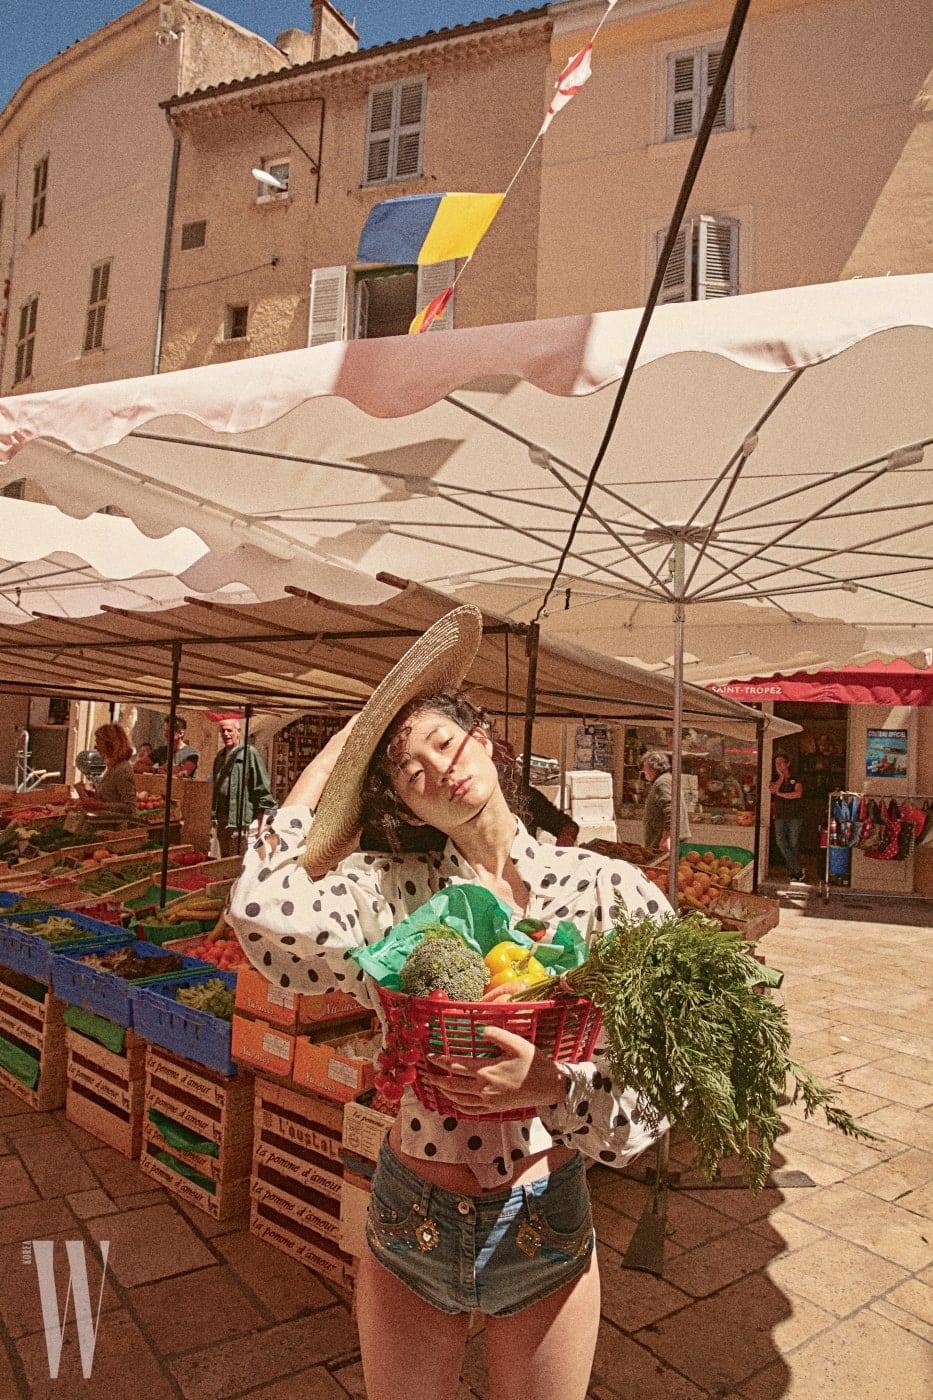 물방울 무늬 블라우스와 모자는 Jacquemus, 데님 쇼츠는 Moschino 제품.